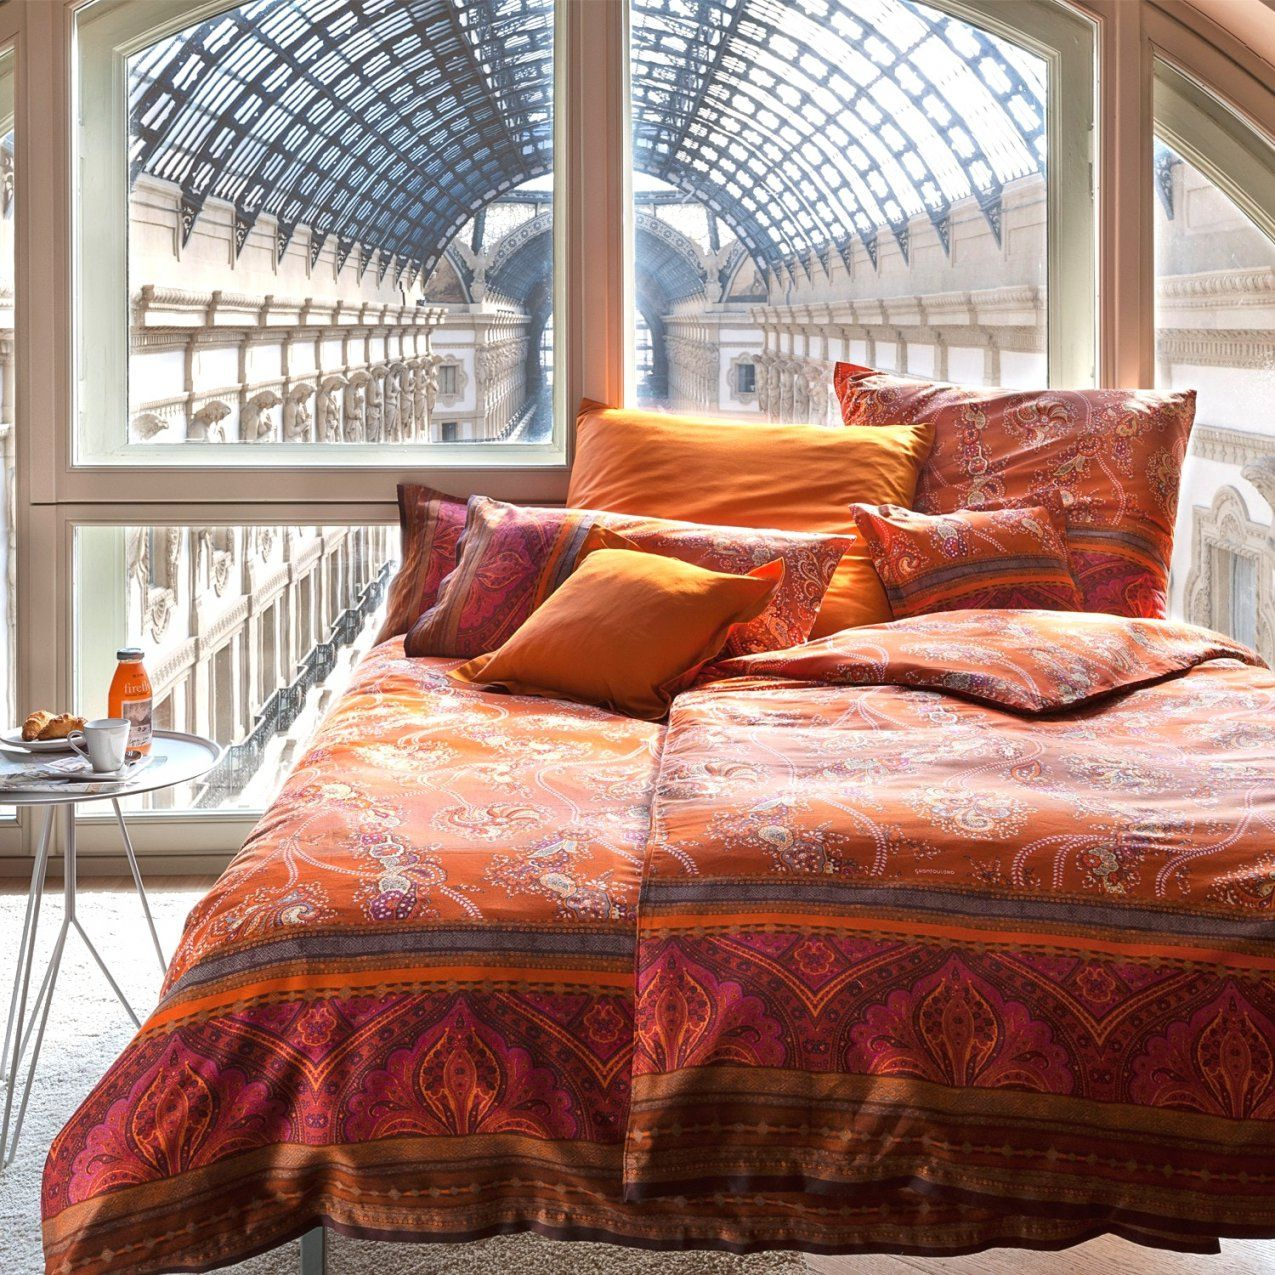 Schöne Ideen Bassetti Bettwäsche Reduziert Und Herausragende 155X220 von Bassetti Bettwäsche 155X220 Reduziert Photo